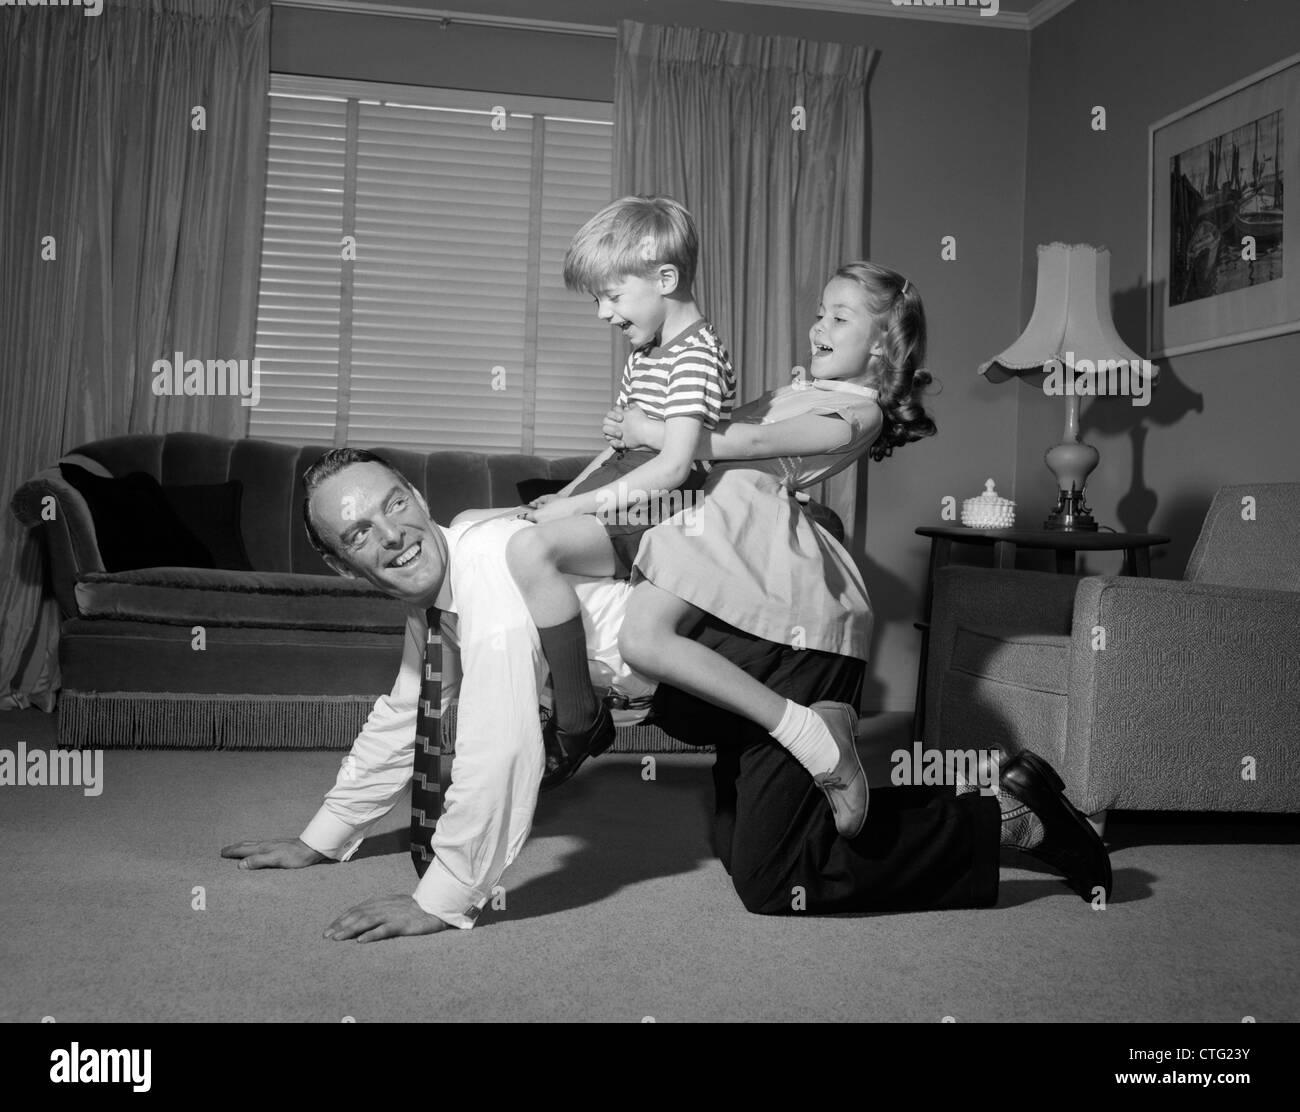 Anni Cinquanta anni sessanta papà che trasportano Boy & GIRL PIGGYBACK SULLA VITA IL PAVIMENTO DELLA CAMERA Immagini Stock